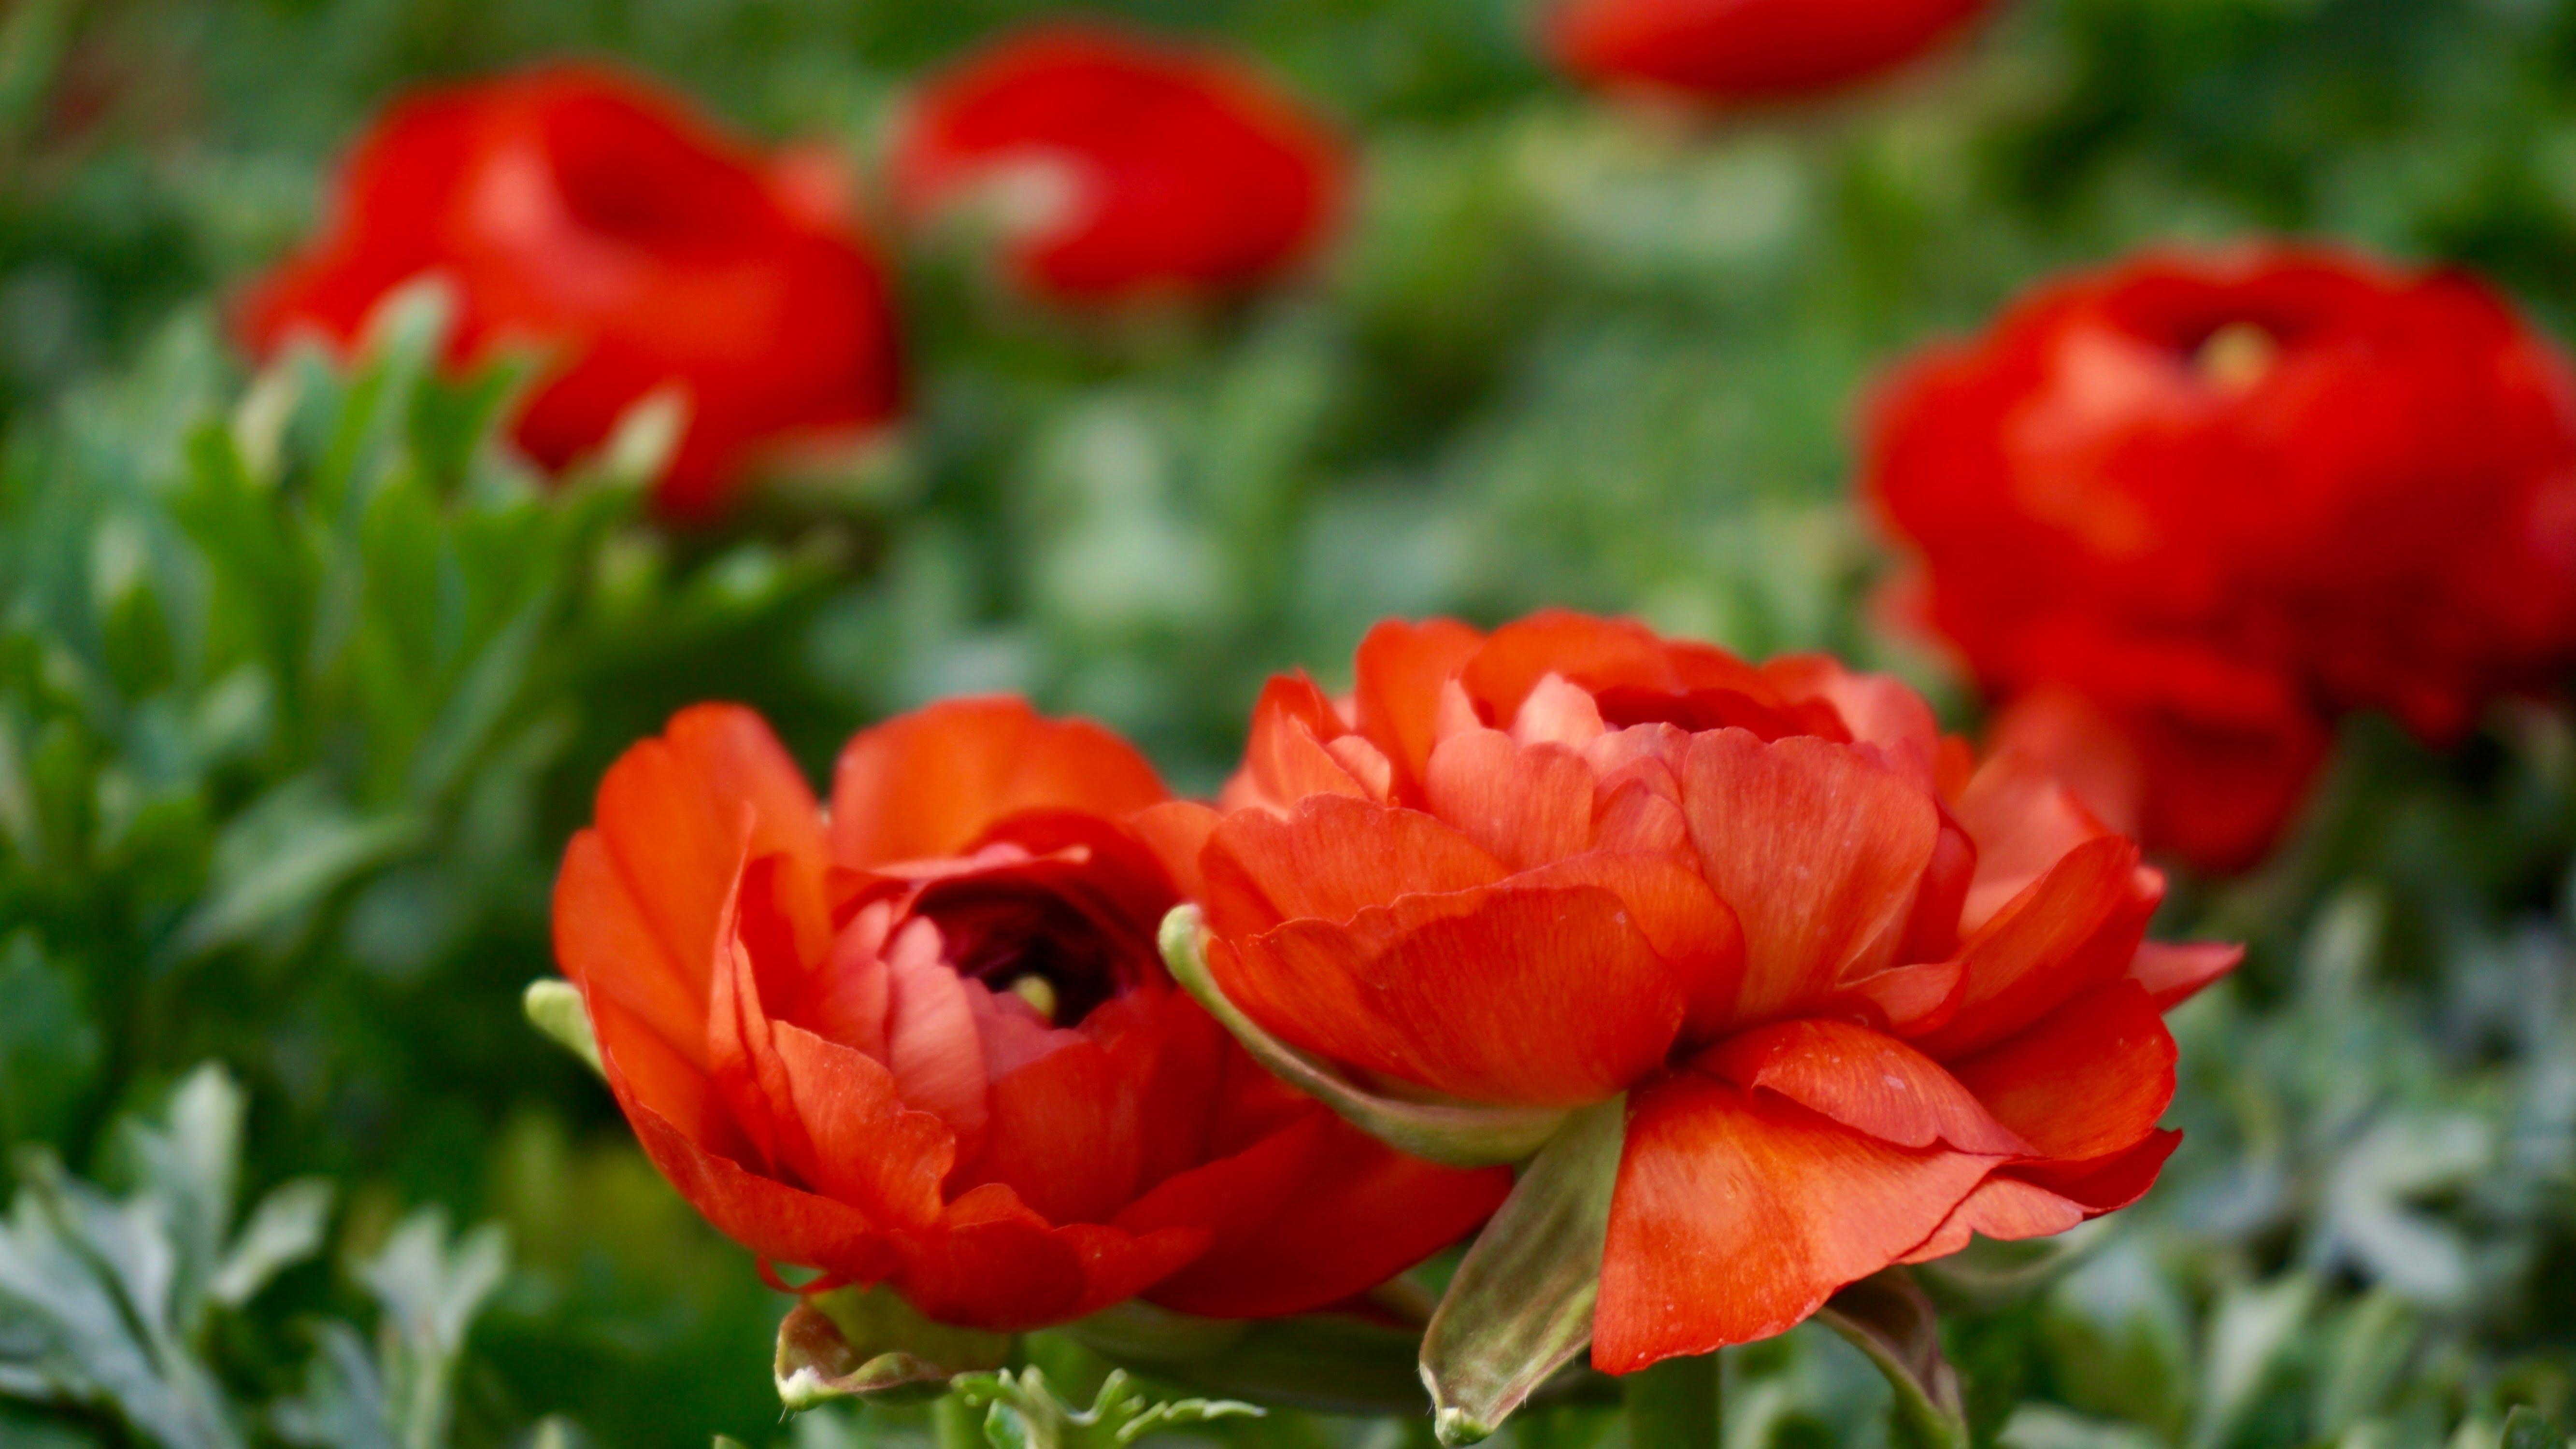 Blooming Orange Flowers